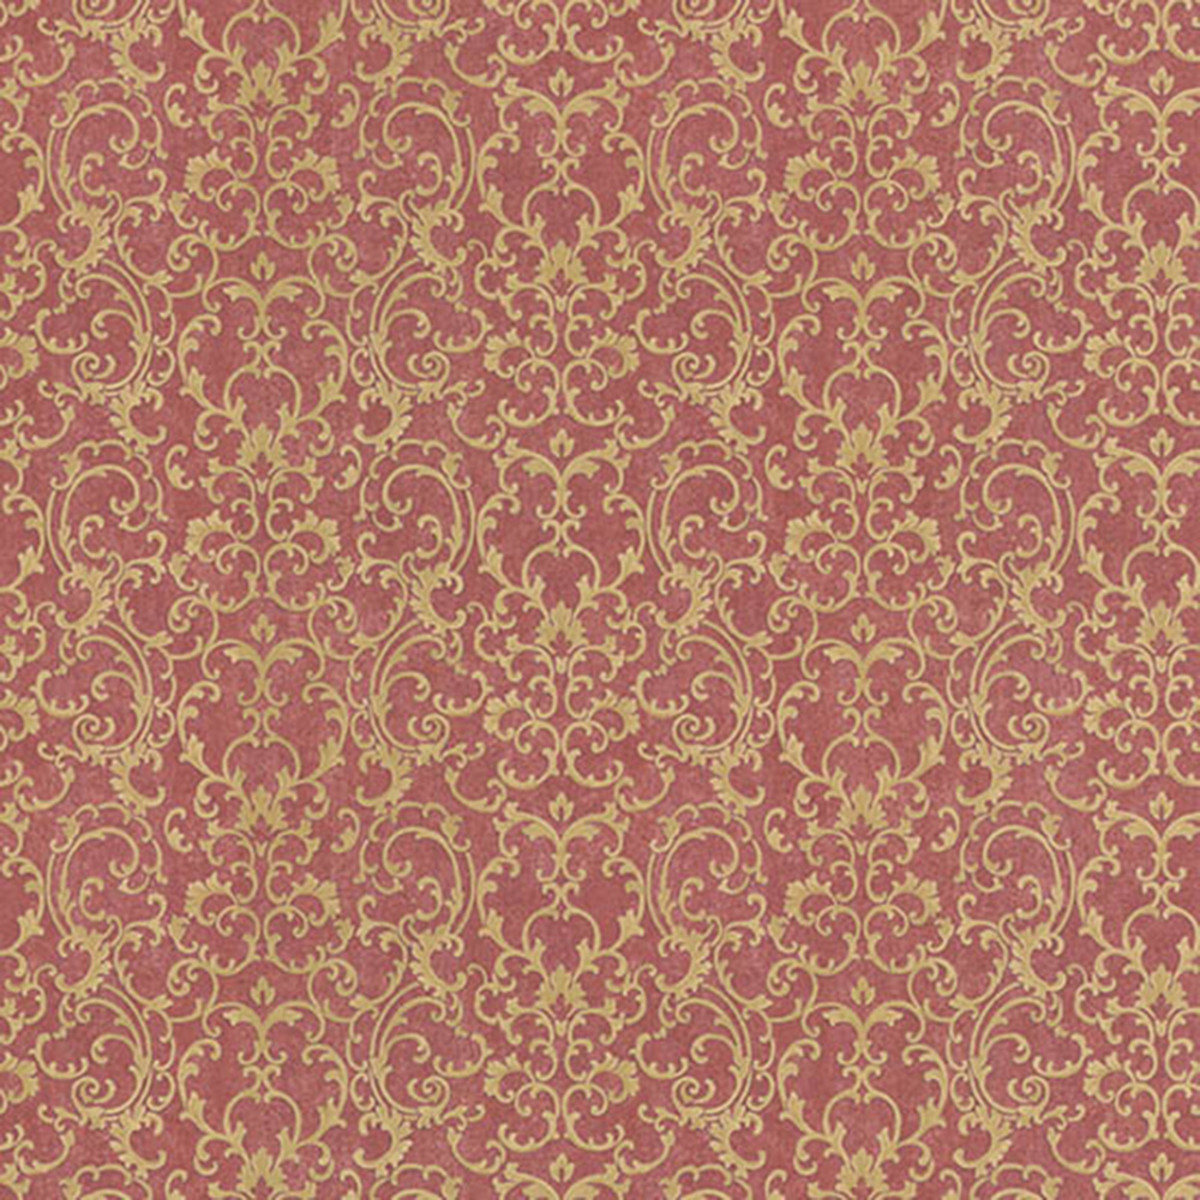 Обои флизелиновые Мир Авангард розовые 1.06 м 45-209-01